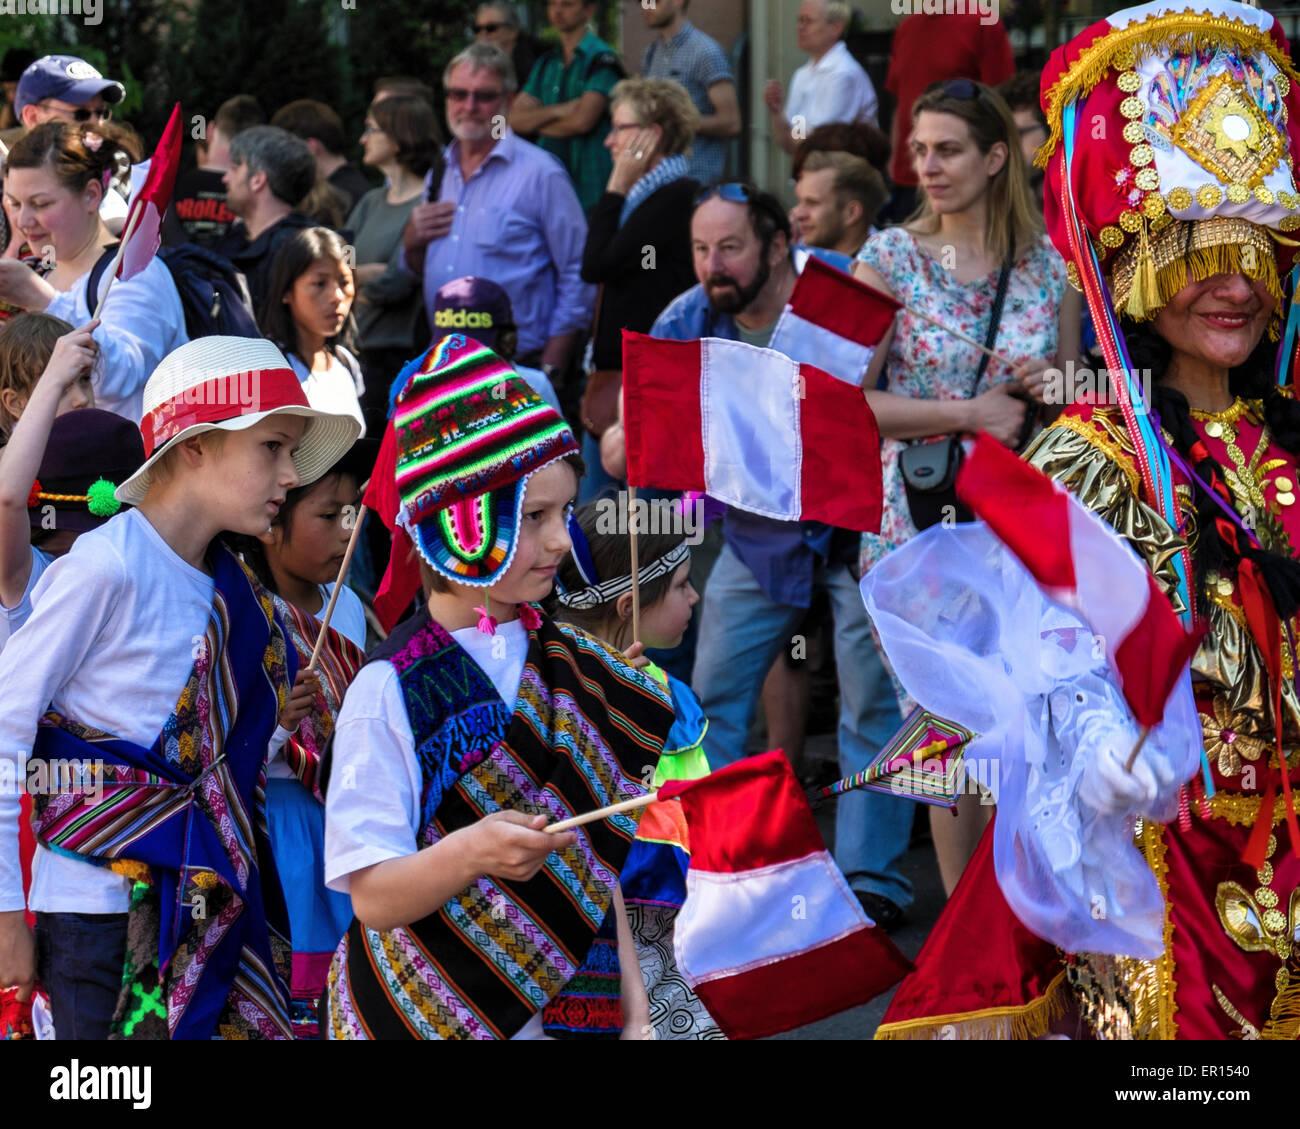 Kreuzberg, Berlín, Alemania, 24 de mayo de 2015. Personas de todas las edades realizan en desfile como Berlín Imagen De Stock